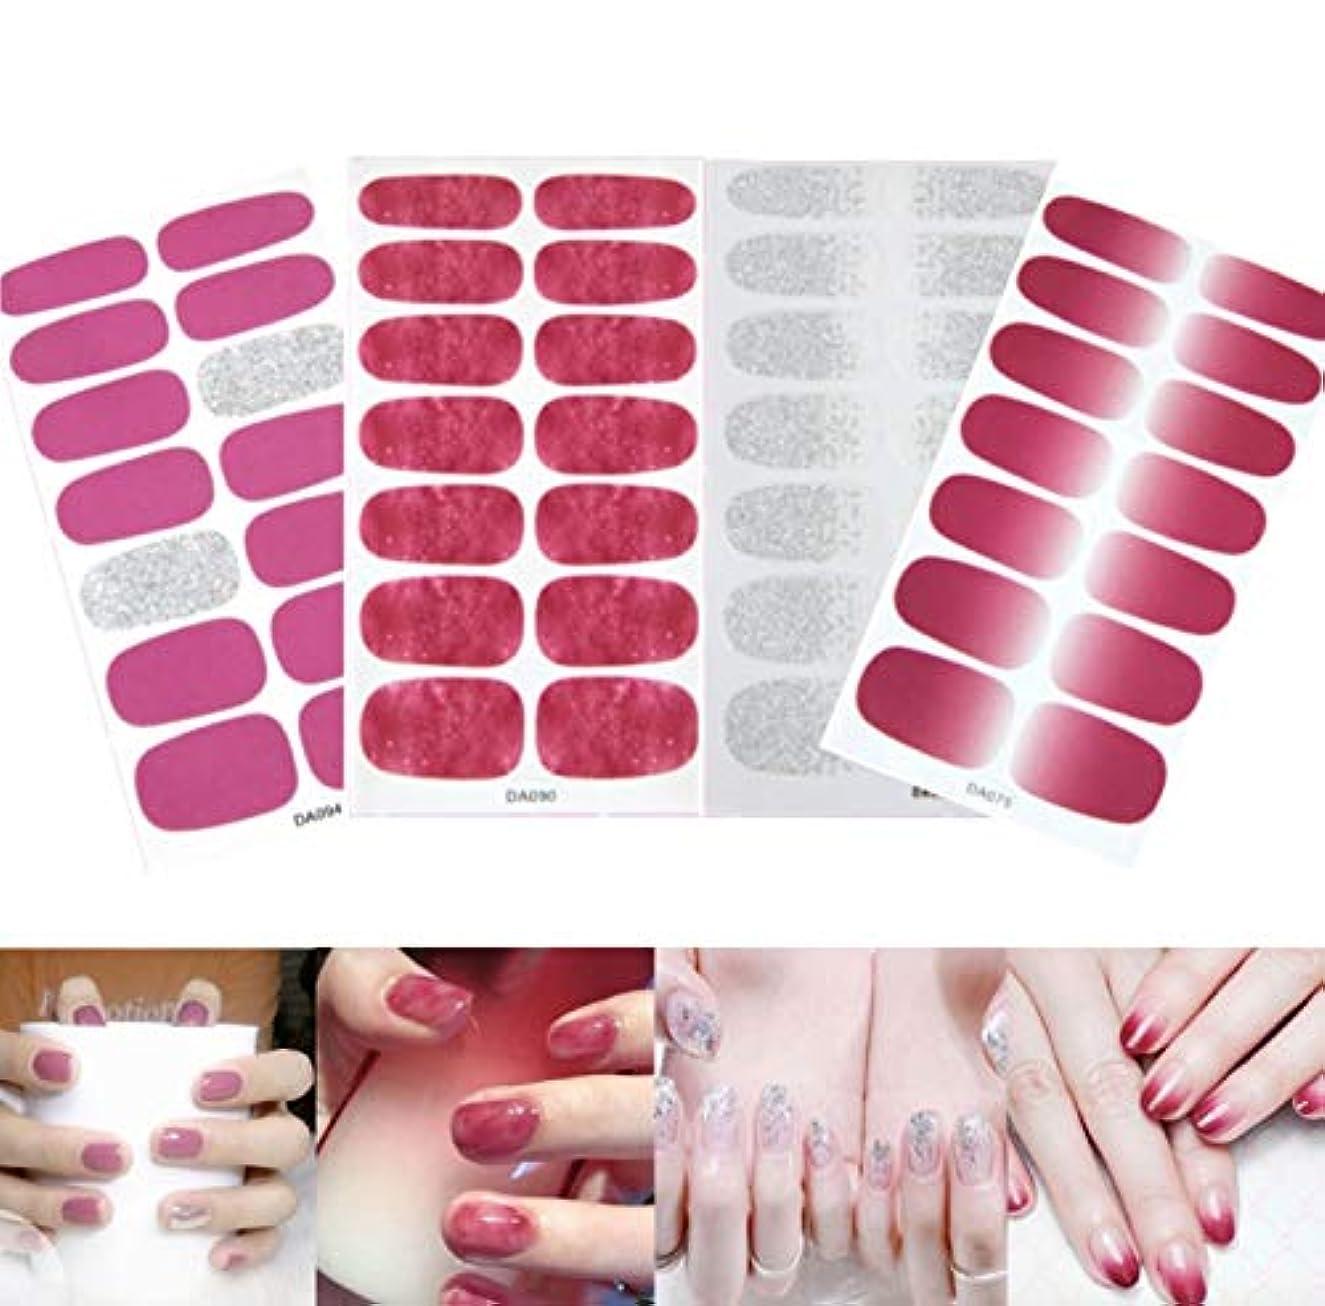 洗剤アフリカ細分化するBEATON JAPAN ネイルシール 貼るだけ 簡単 4枚セット 56ピース 女子力アップ ピンク シルバー ゴージャス 可愛い (ピンク&シルバー)